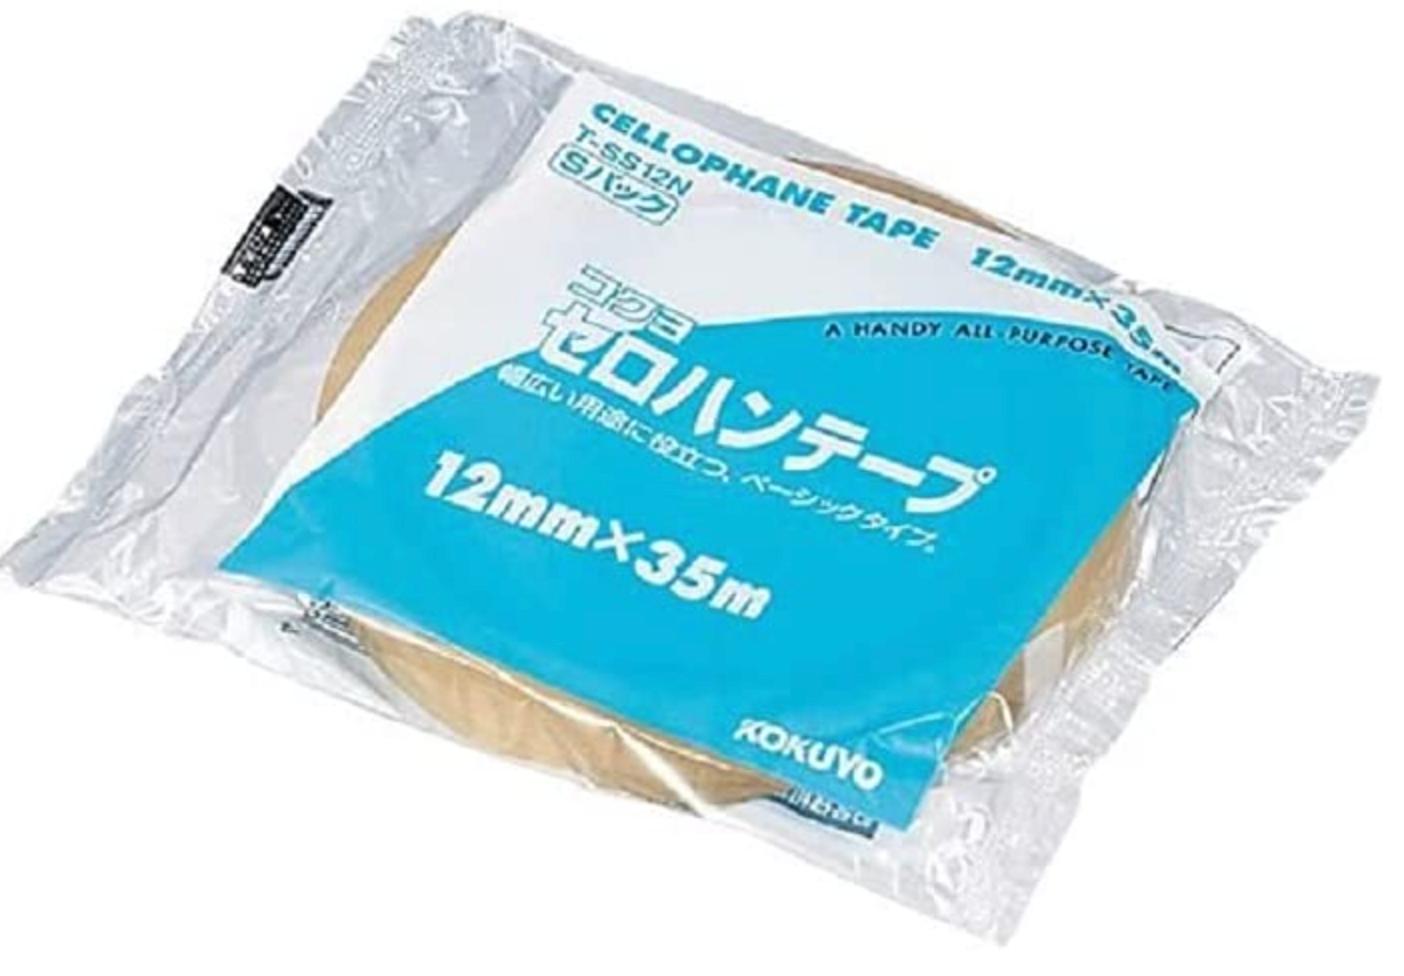 コクヨ セロハンテープ 大巻き Sパック T-SS12N